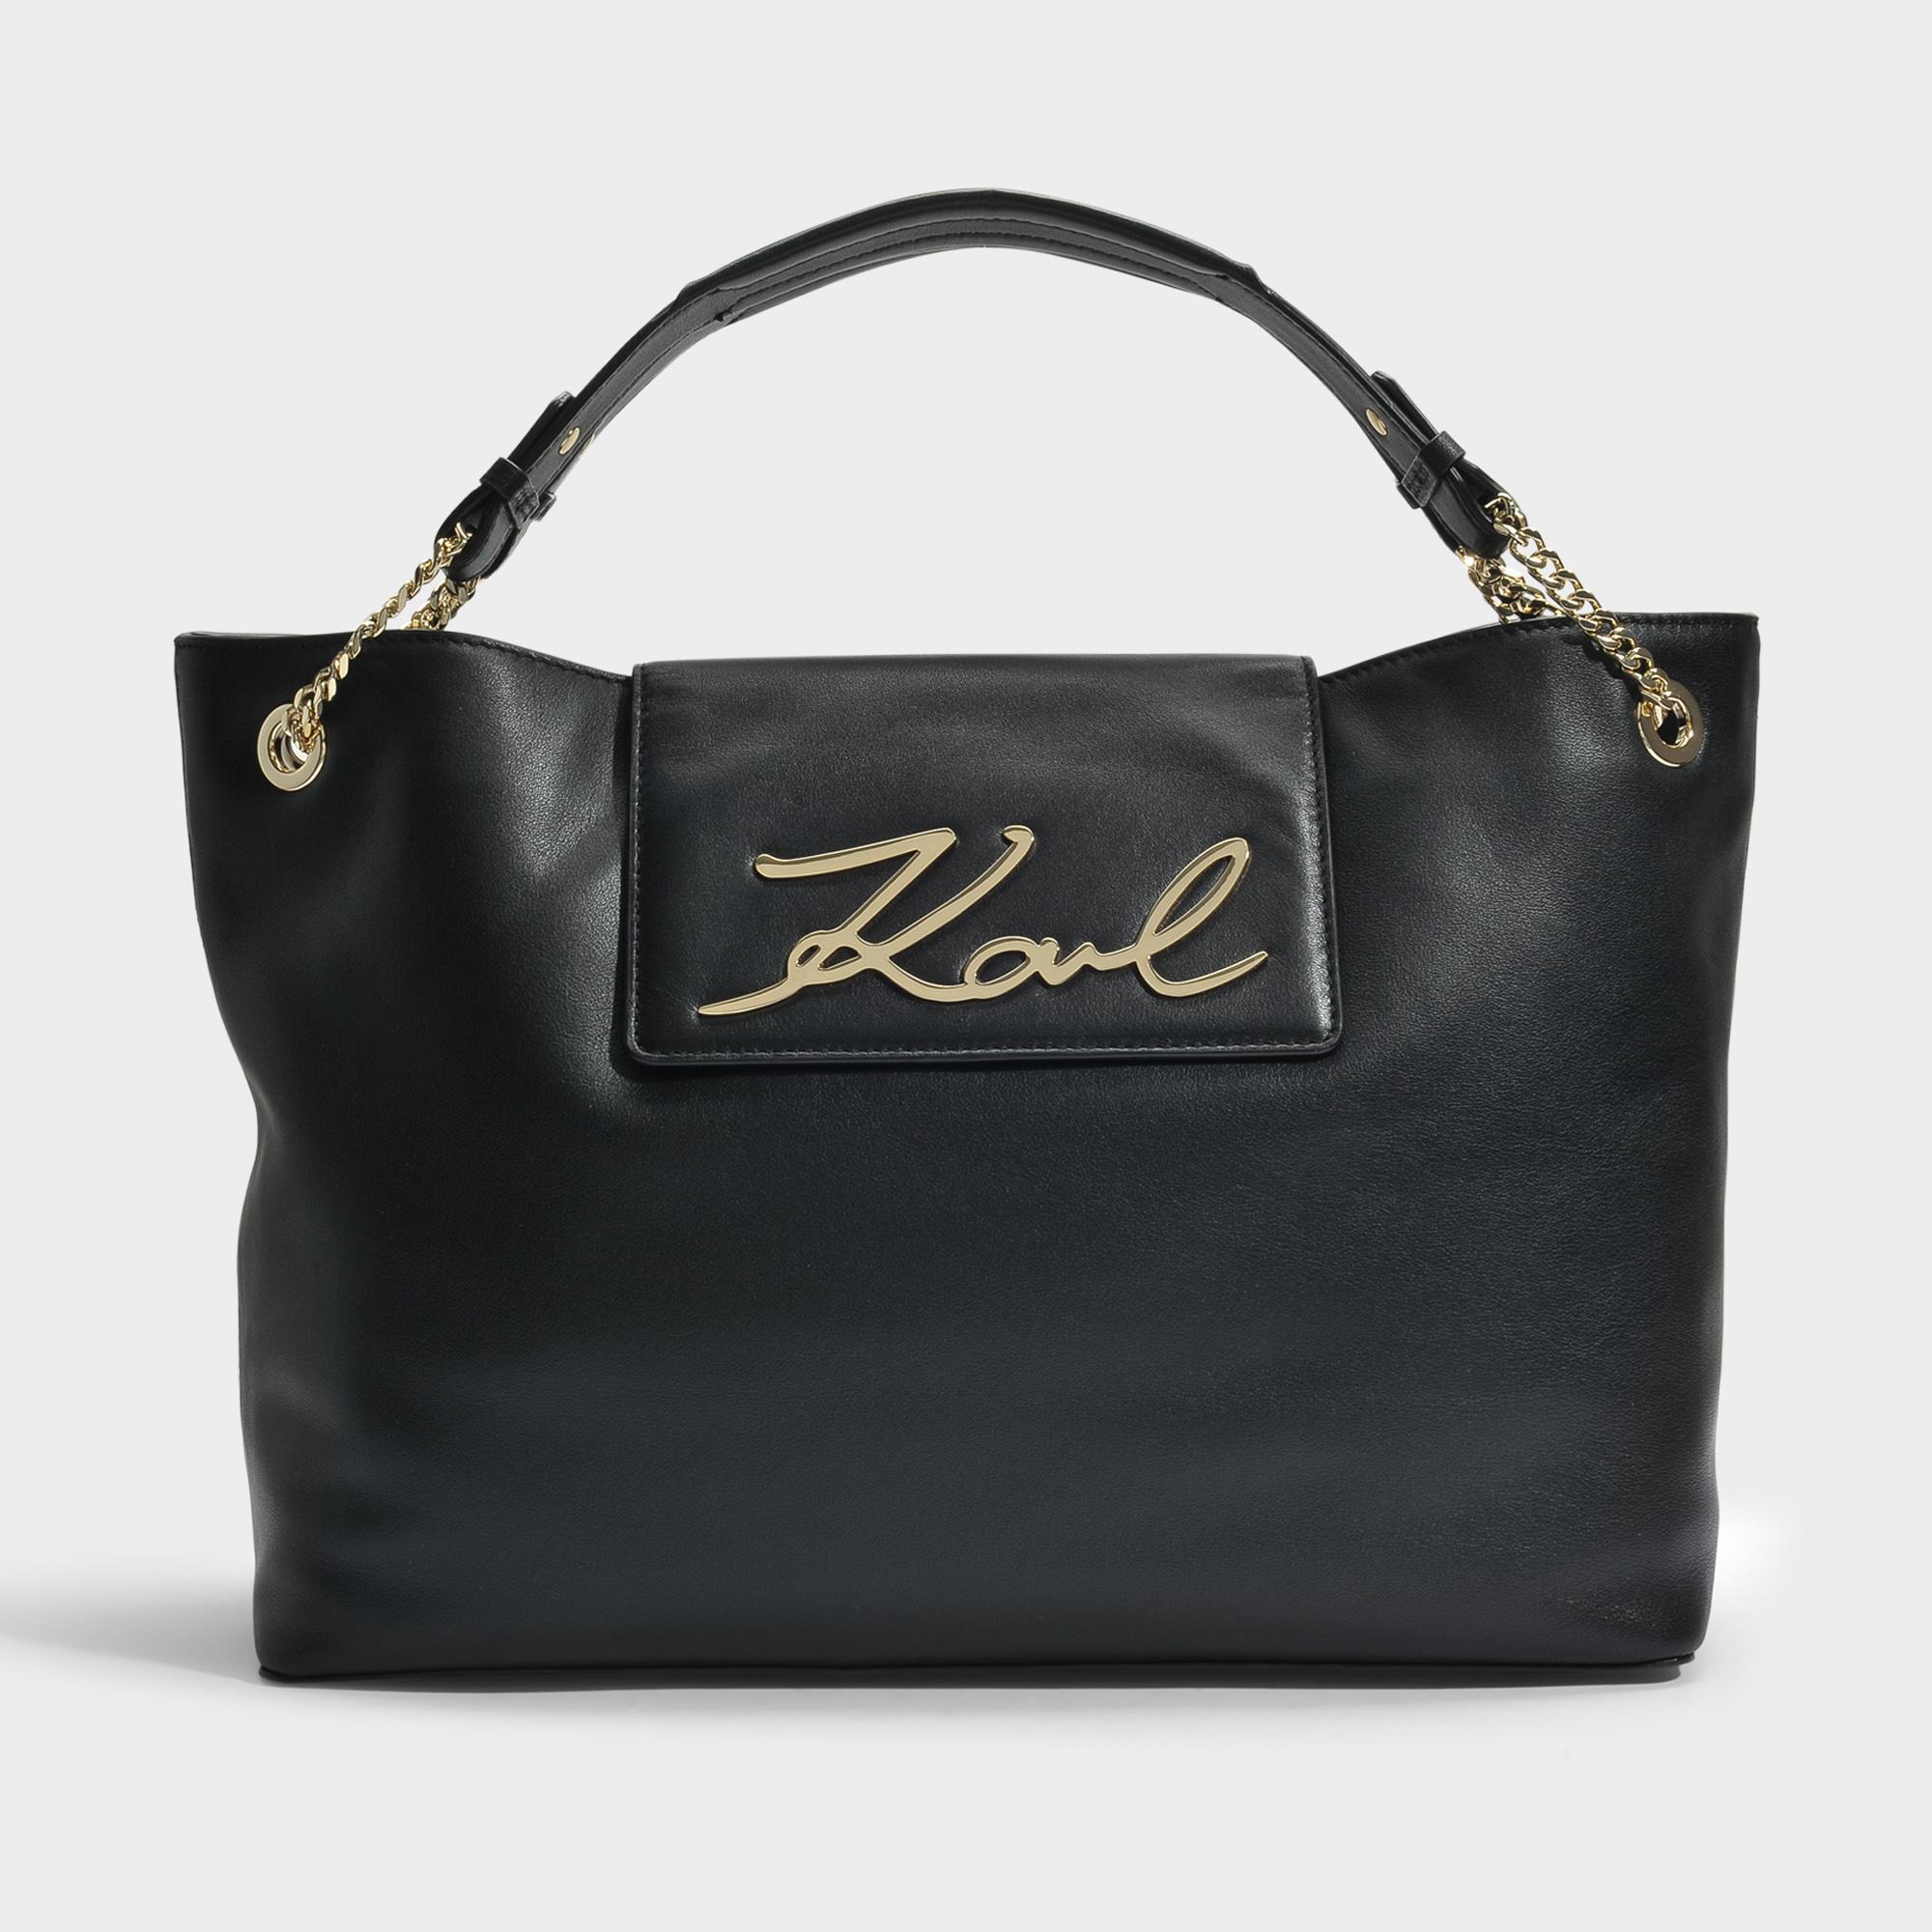 Karl Lagerfeld K / Signature Klassik Sac Souple Shopper En Cuir De Veau Lisse Noir uybJX